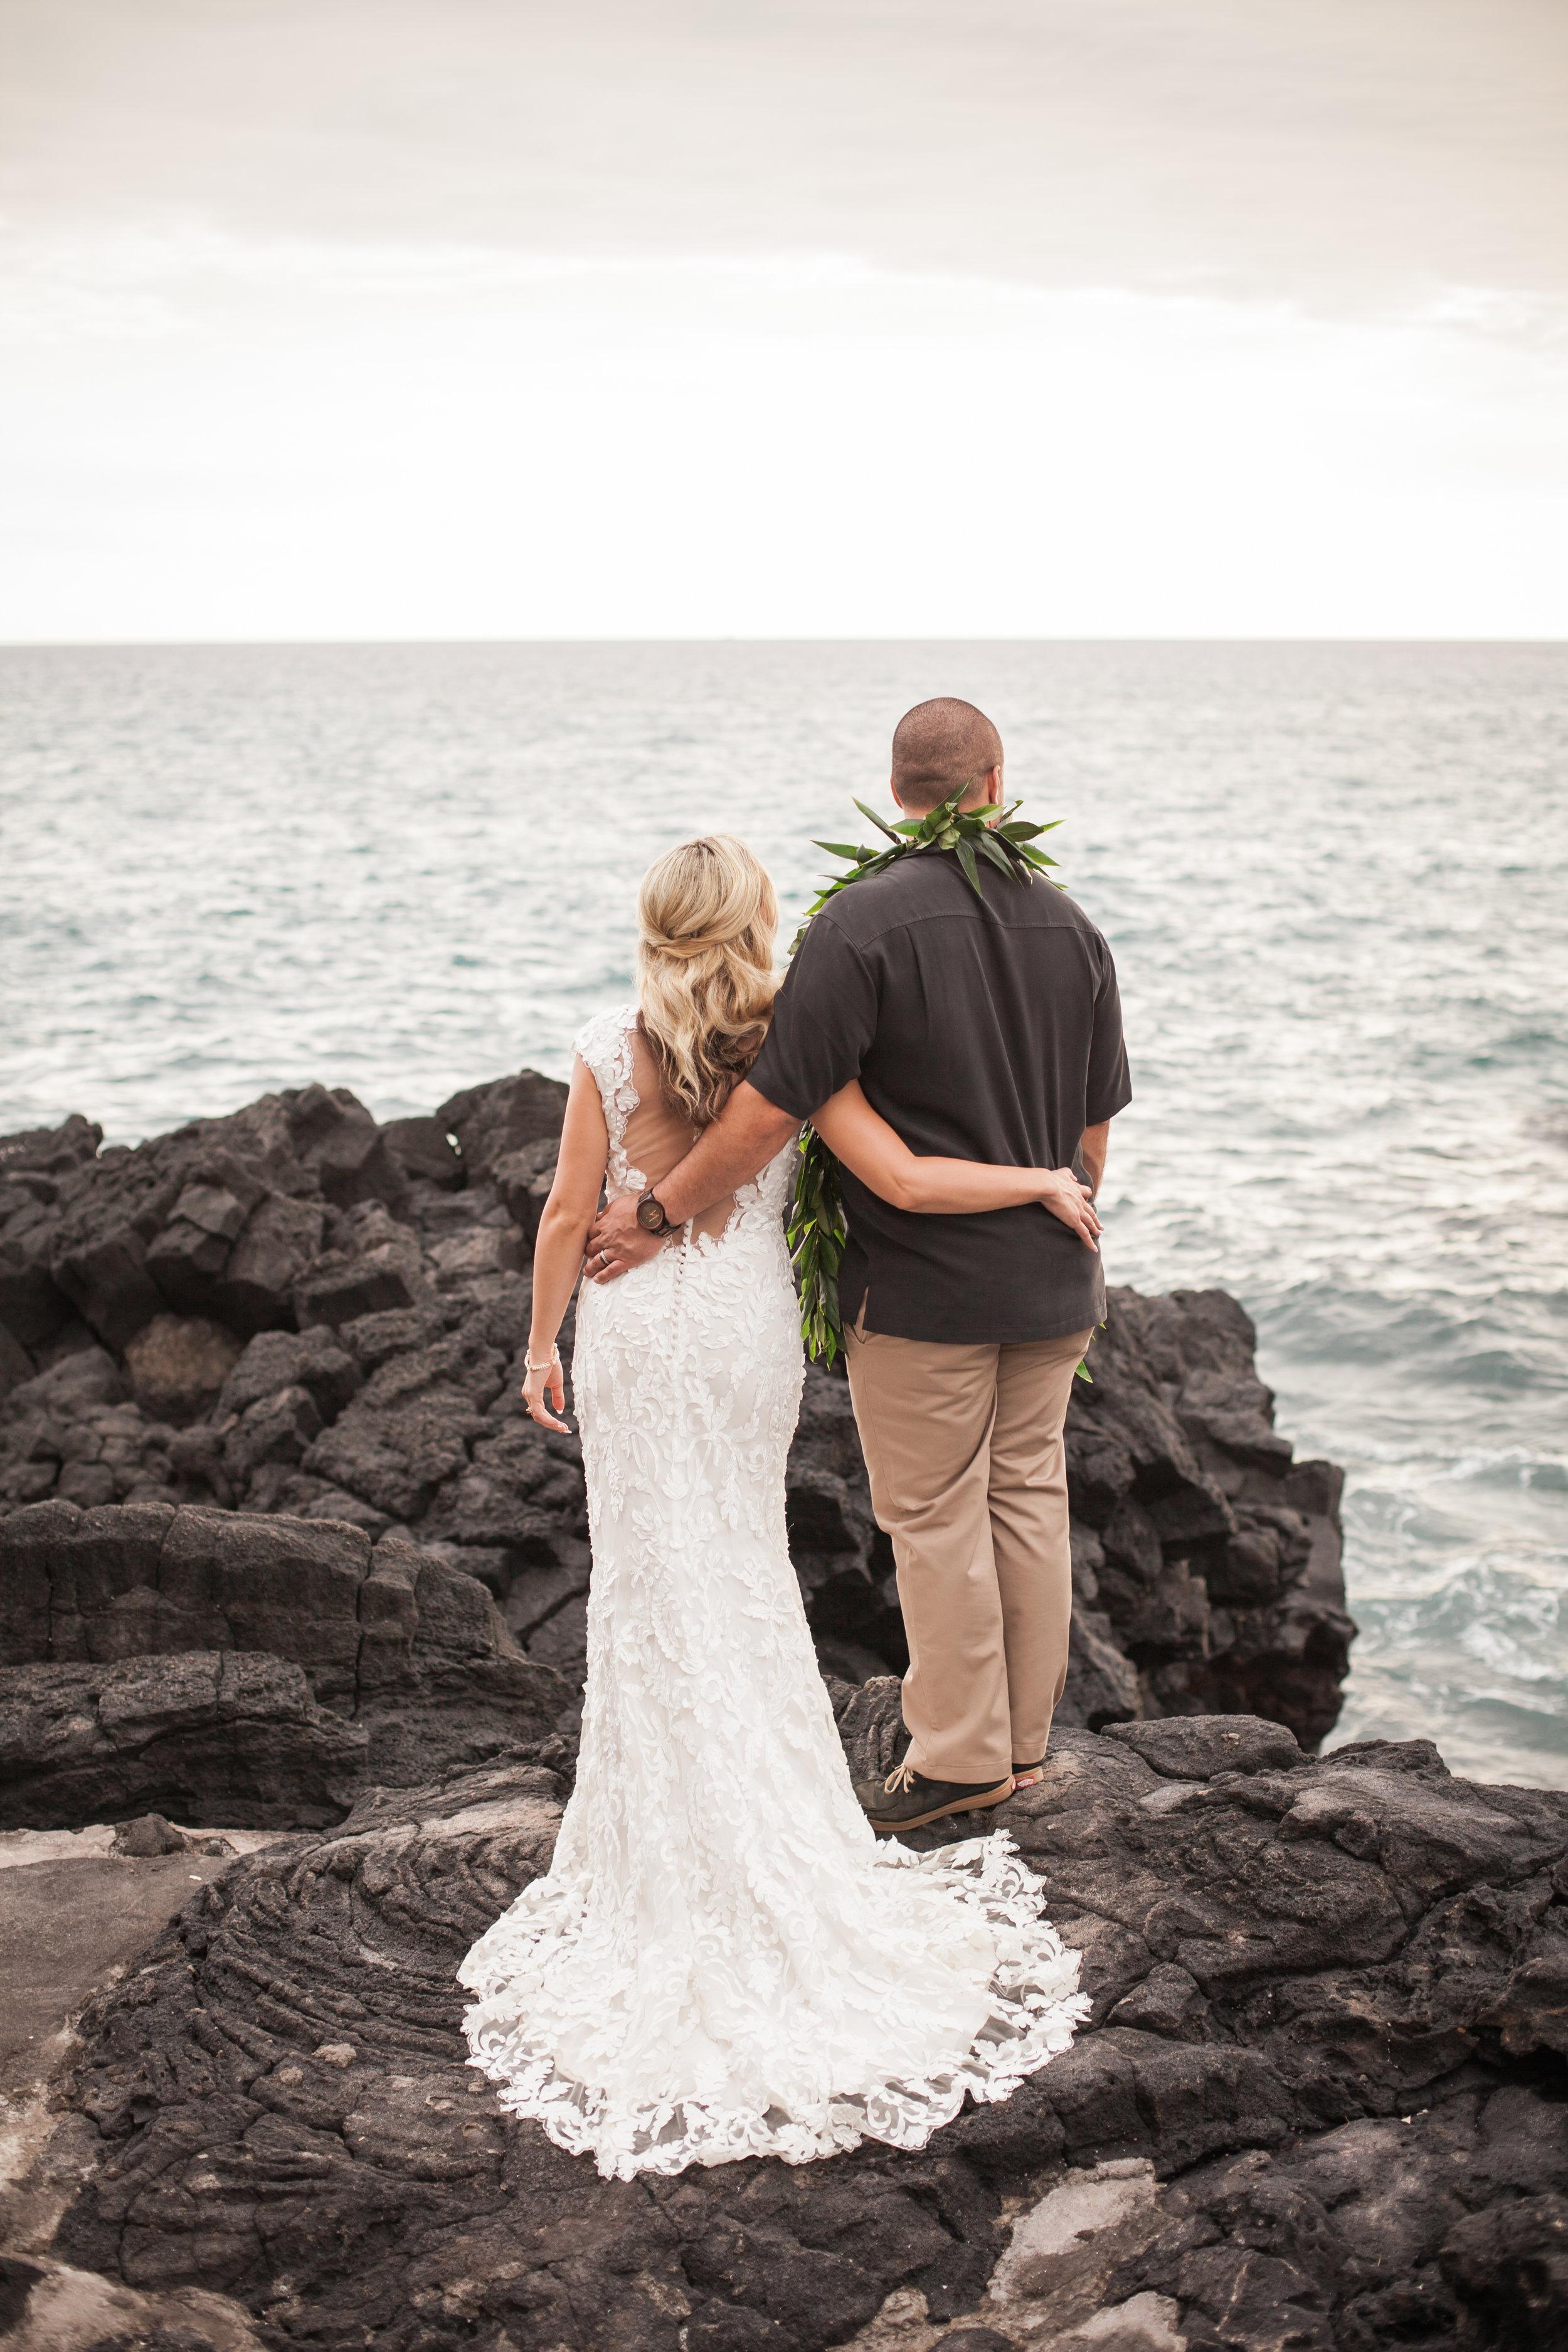 big island hawaii royal kona resort beach wedding © kelilina photography 20170520175058.jpg